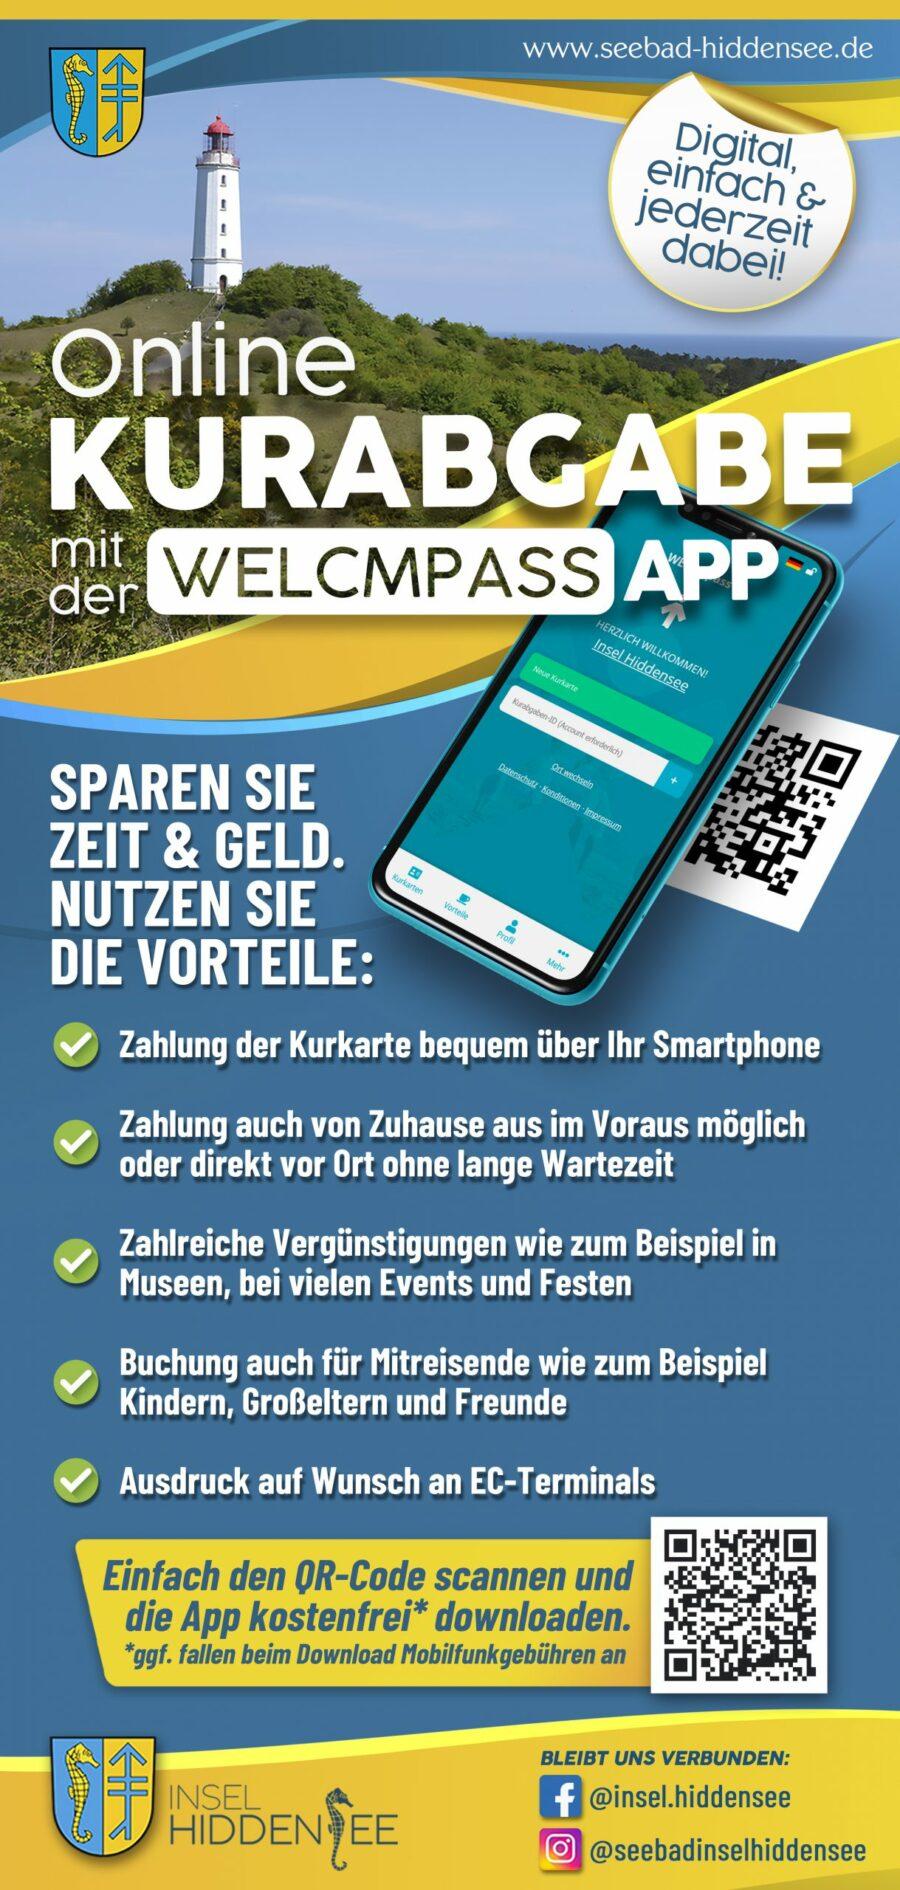 Online Kurabgabe mit der WelcmPass App